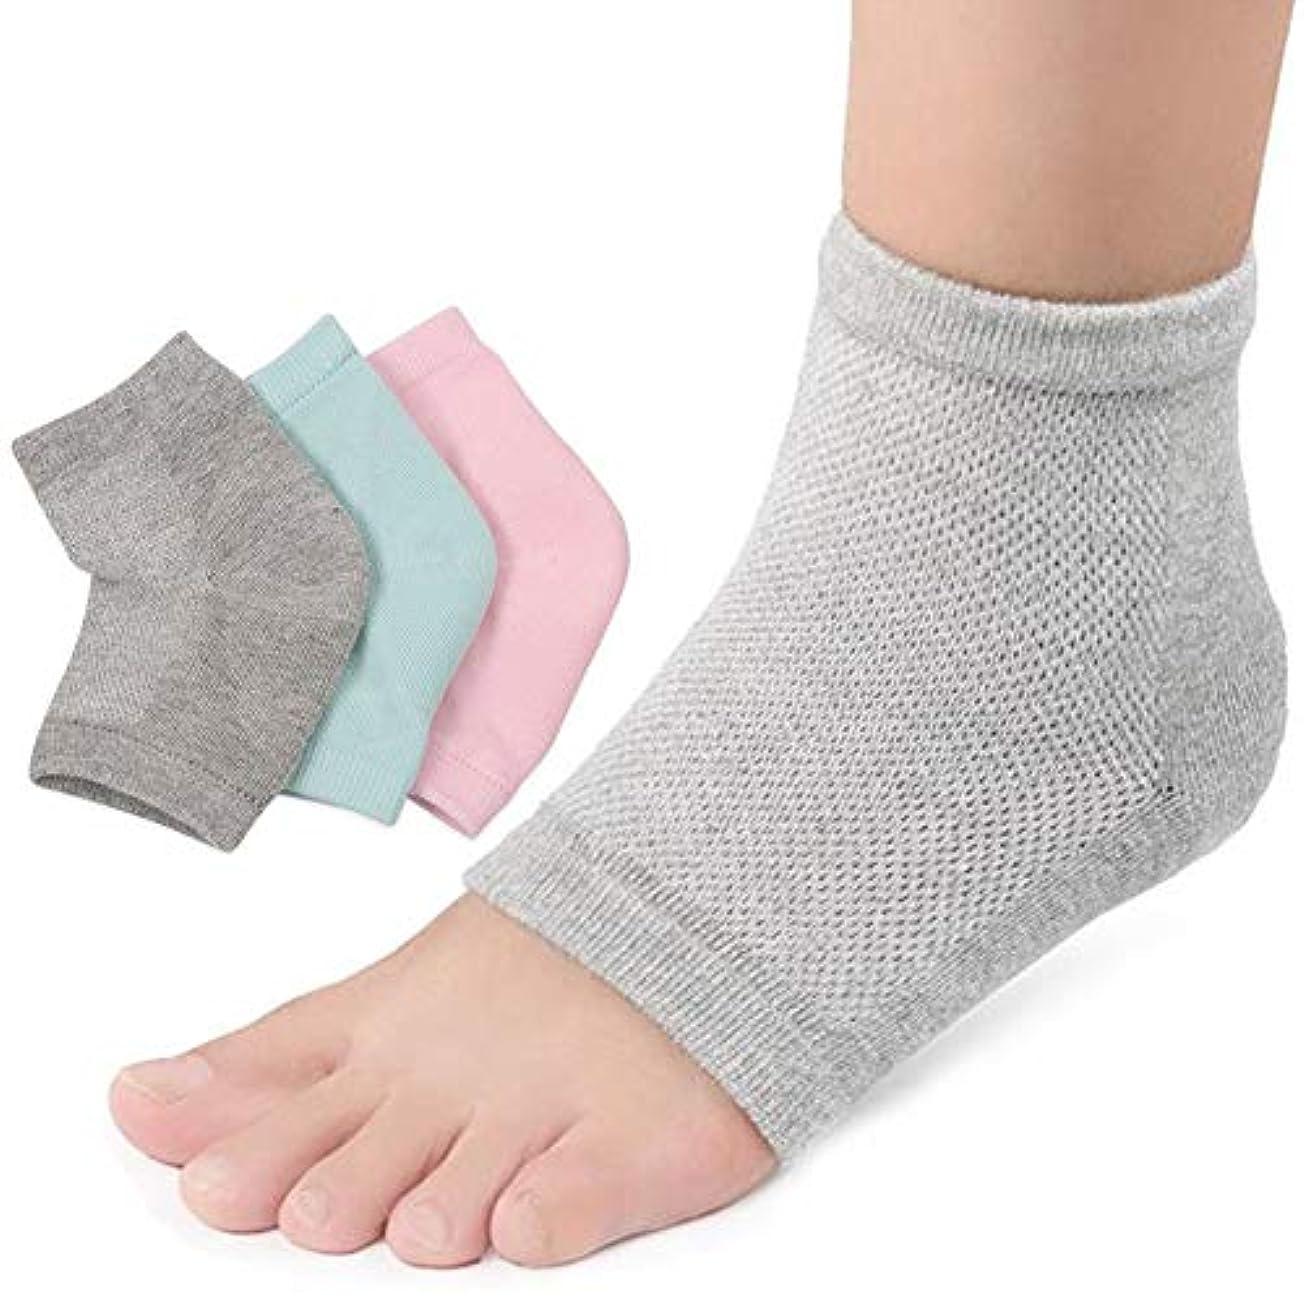 数学モーテル請負業者3足セットかかと 靴下 かかとケア つるつる ジェル 靴下 角質 ケア 保湿 美容 角質除去足ケア 男女兼用